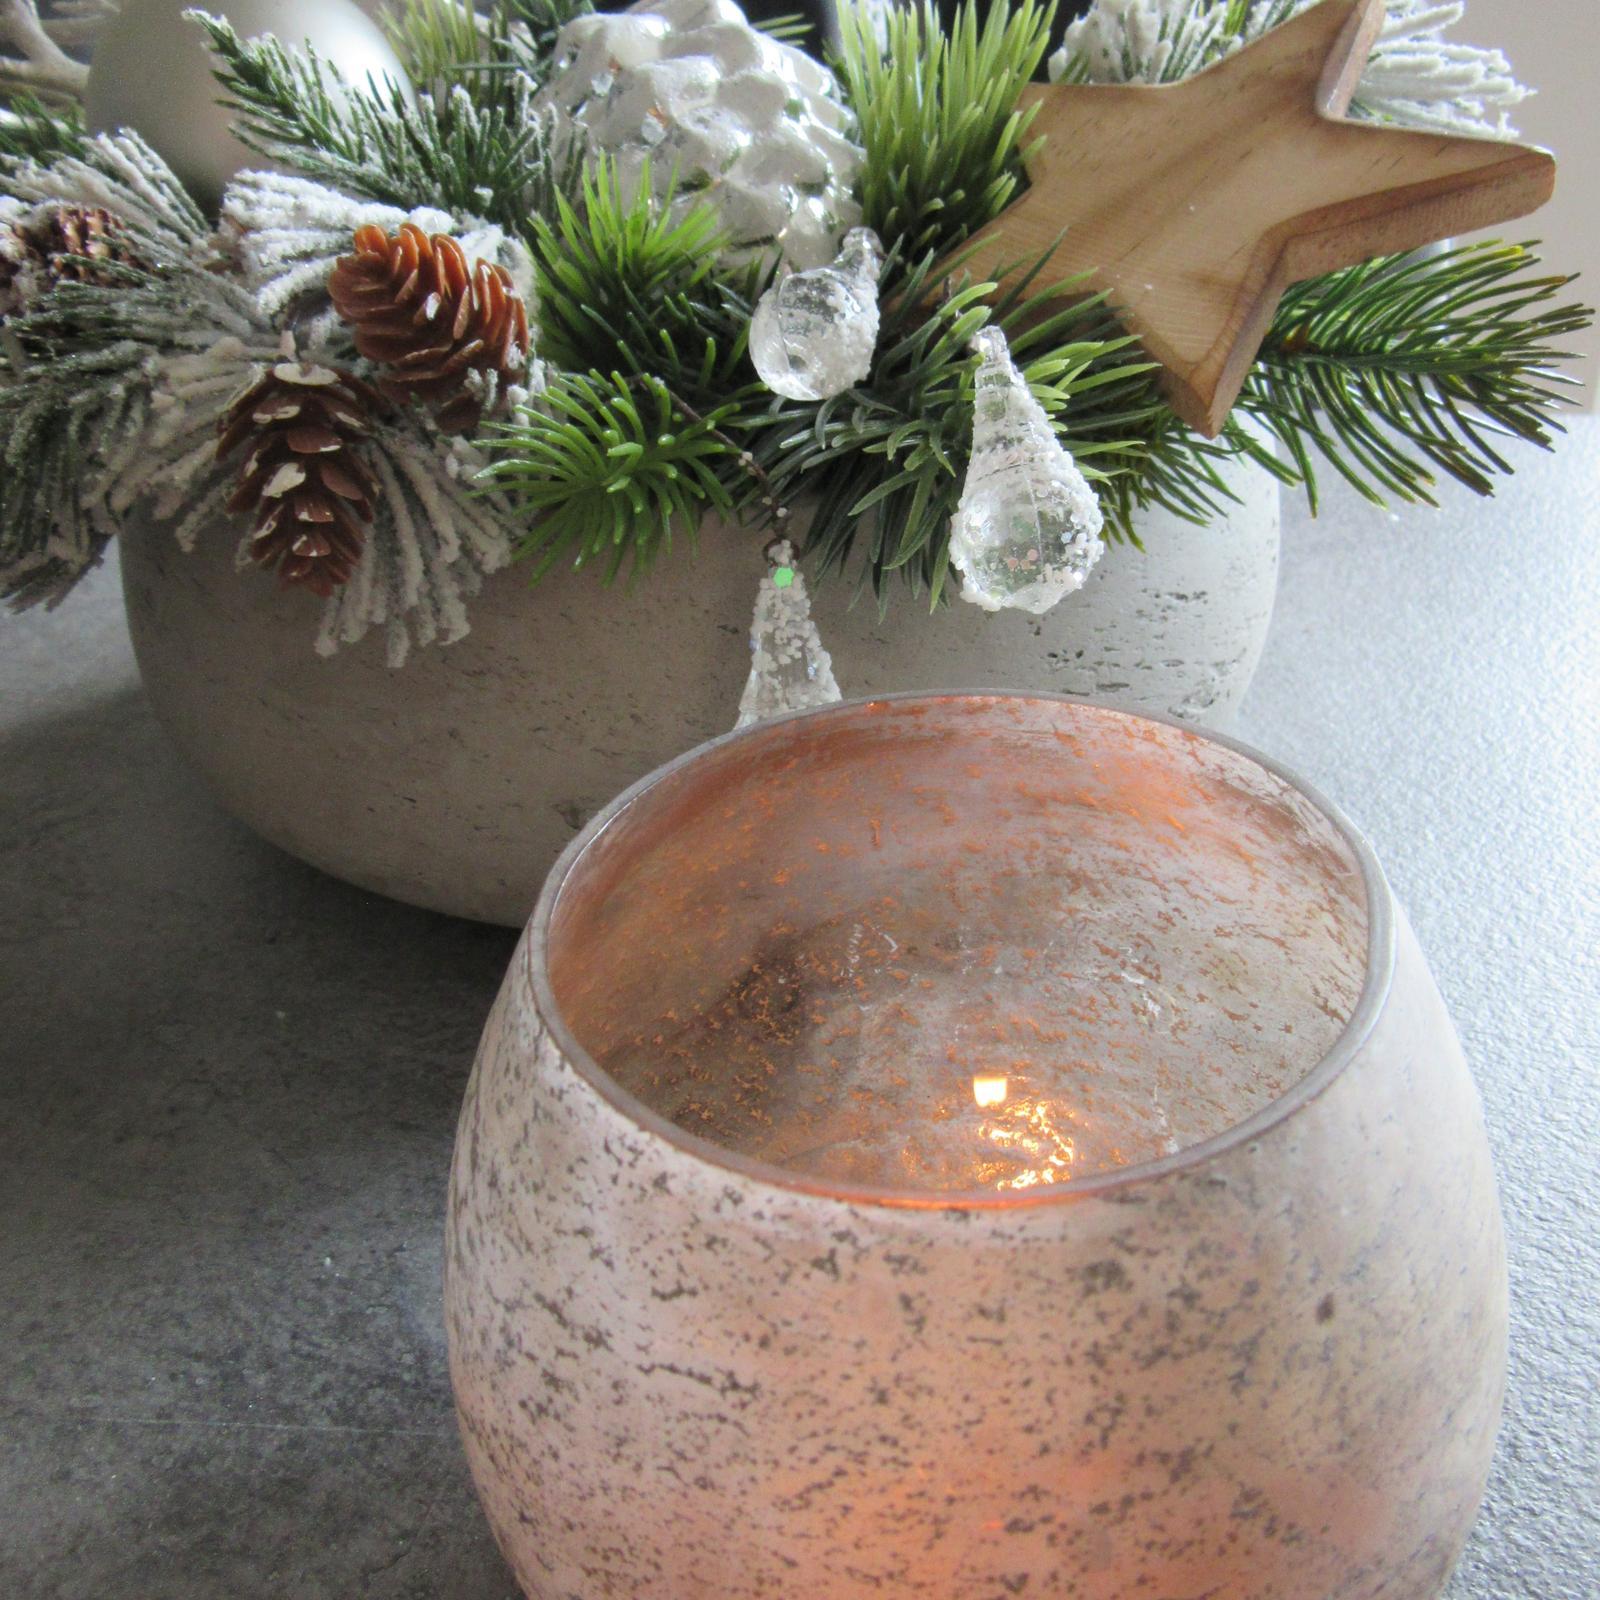 Čas vánoční - zbožňuji ty ledové kapičky, nejraději bych je naplácala všude